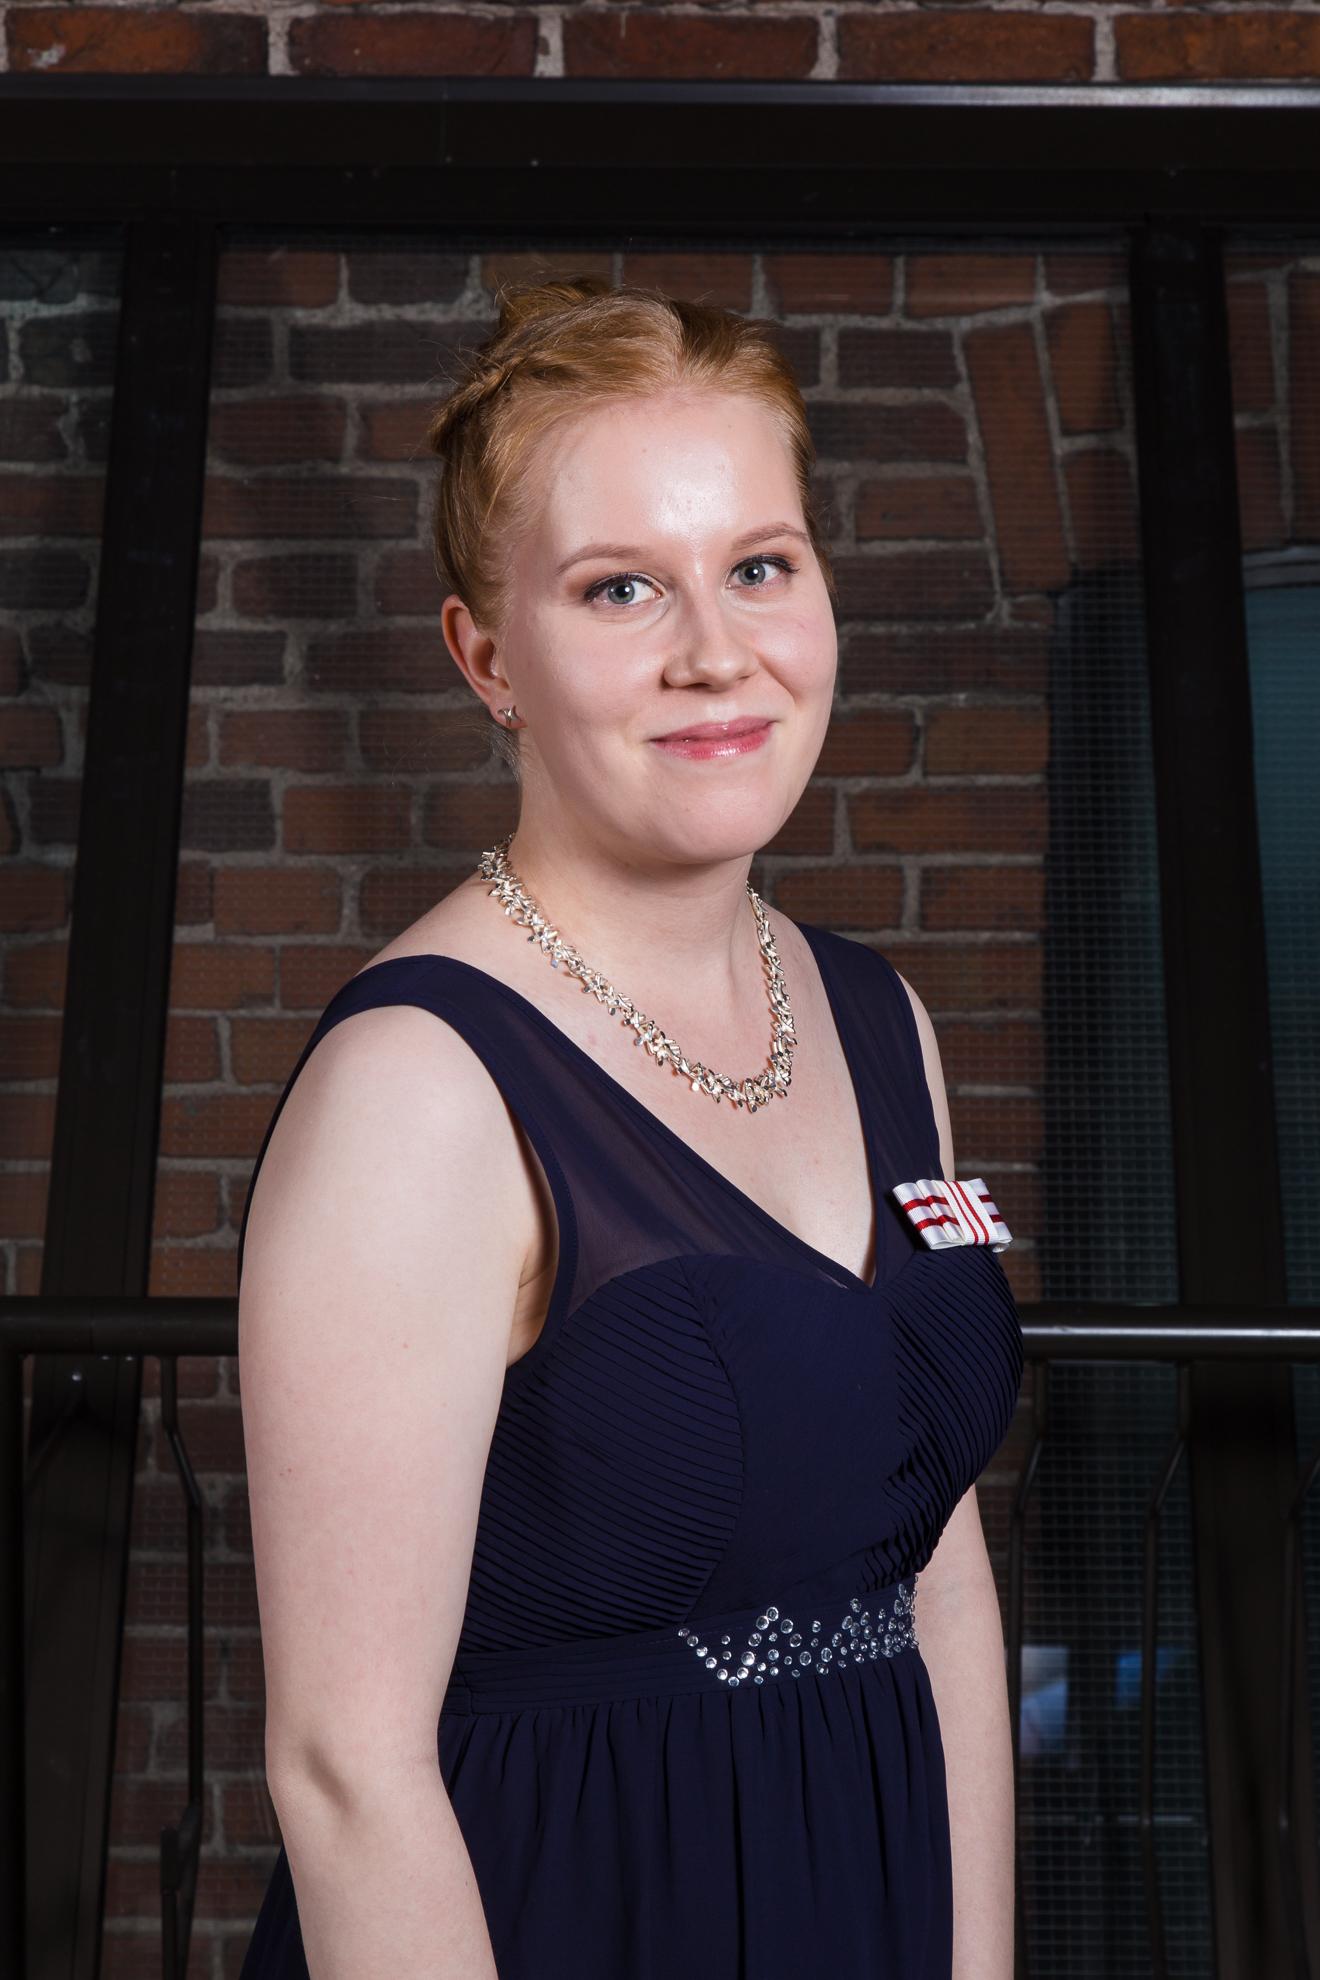 Maiju Kainulainen